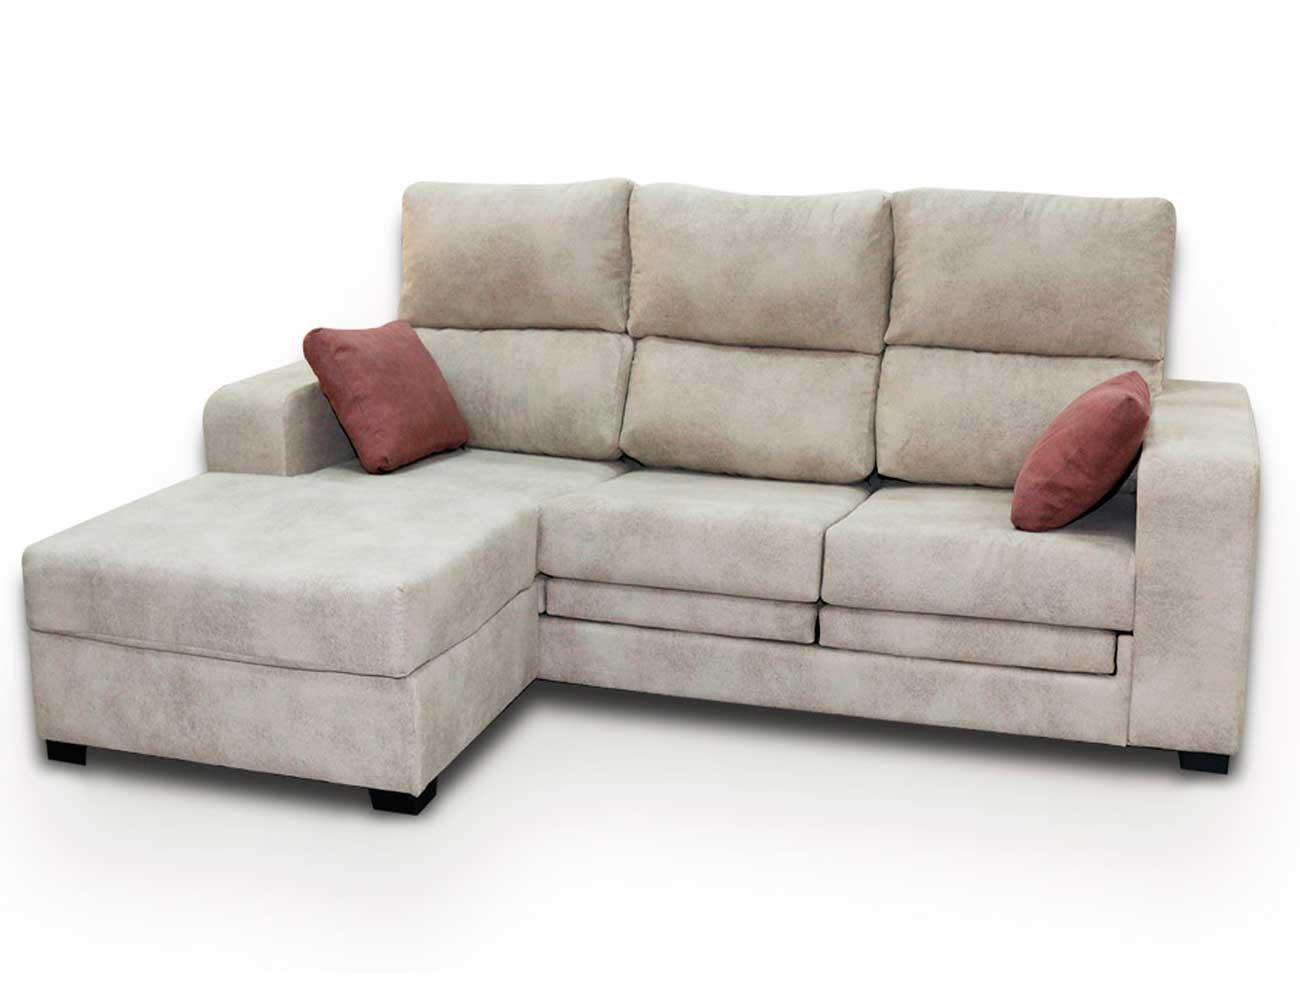 Sofa 3p puff reversible